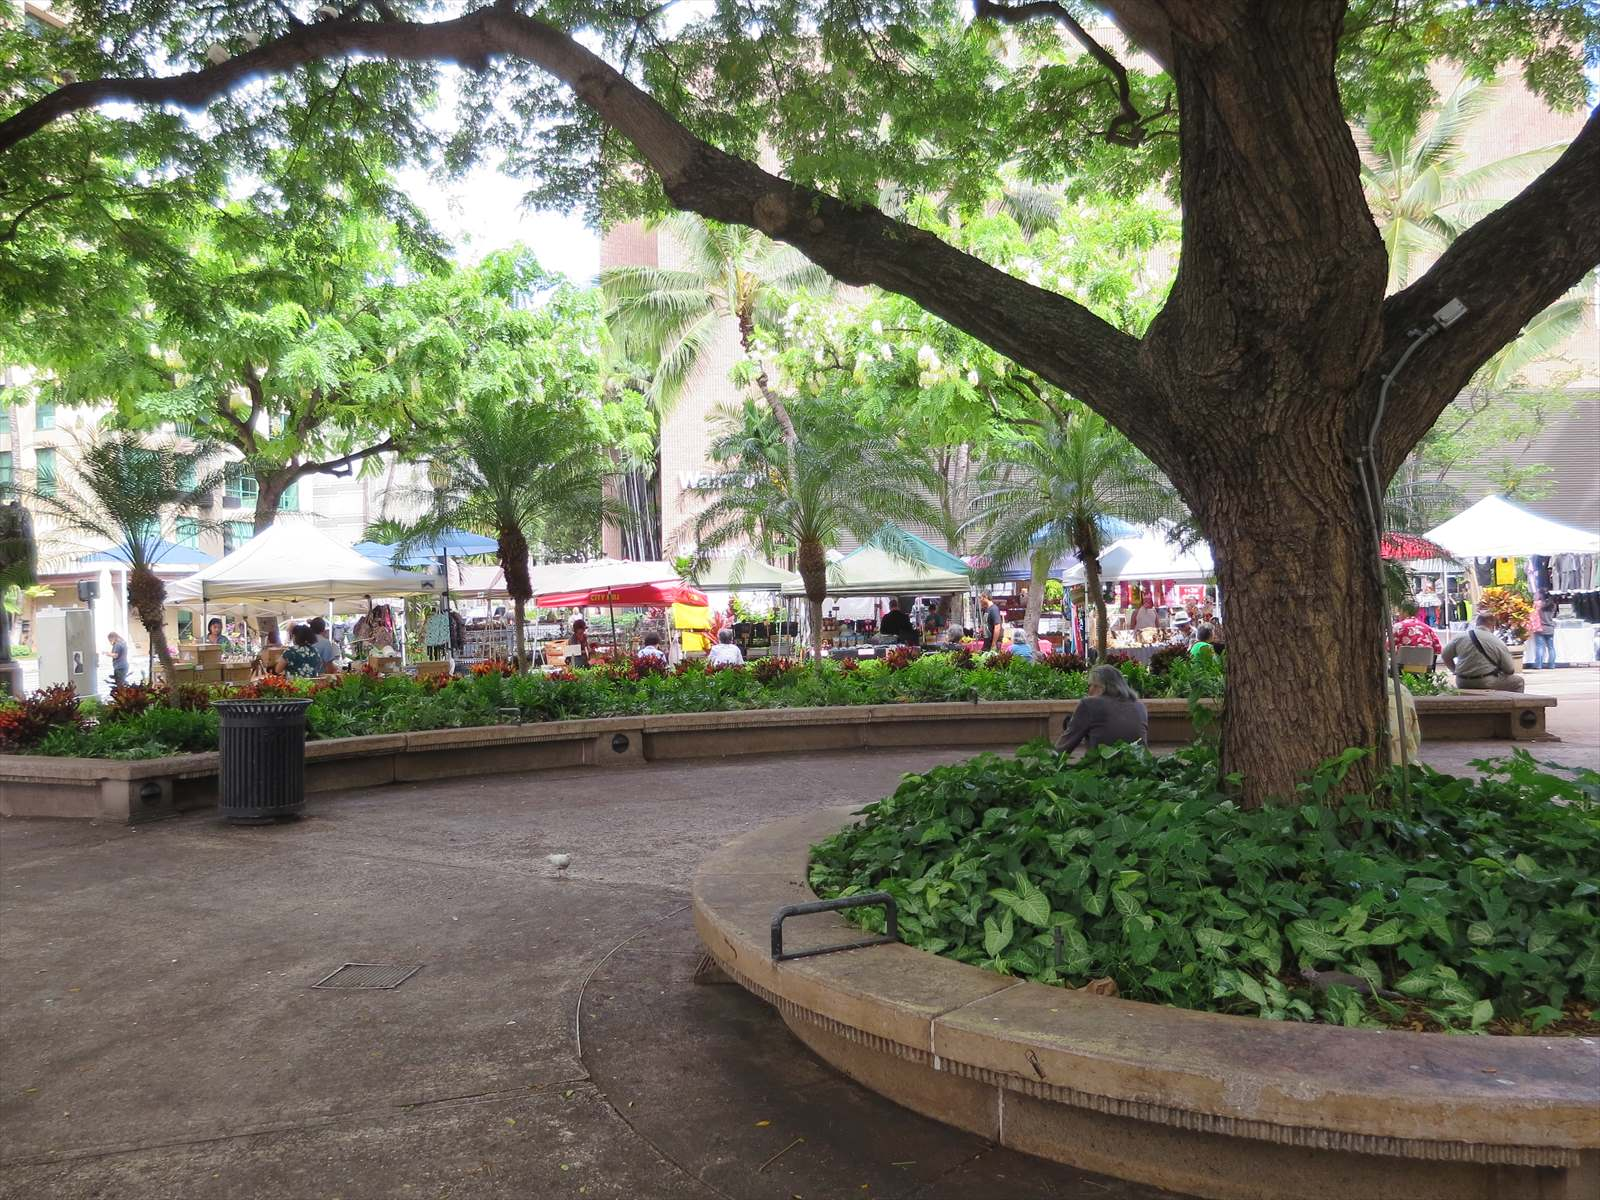 ダウンタウンのローカルファーマーズマーケット Fort Street Farmers Market